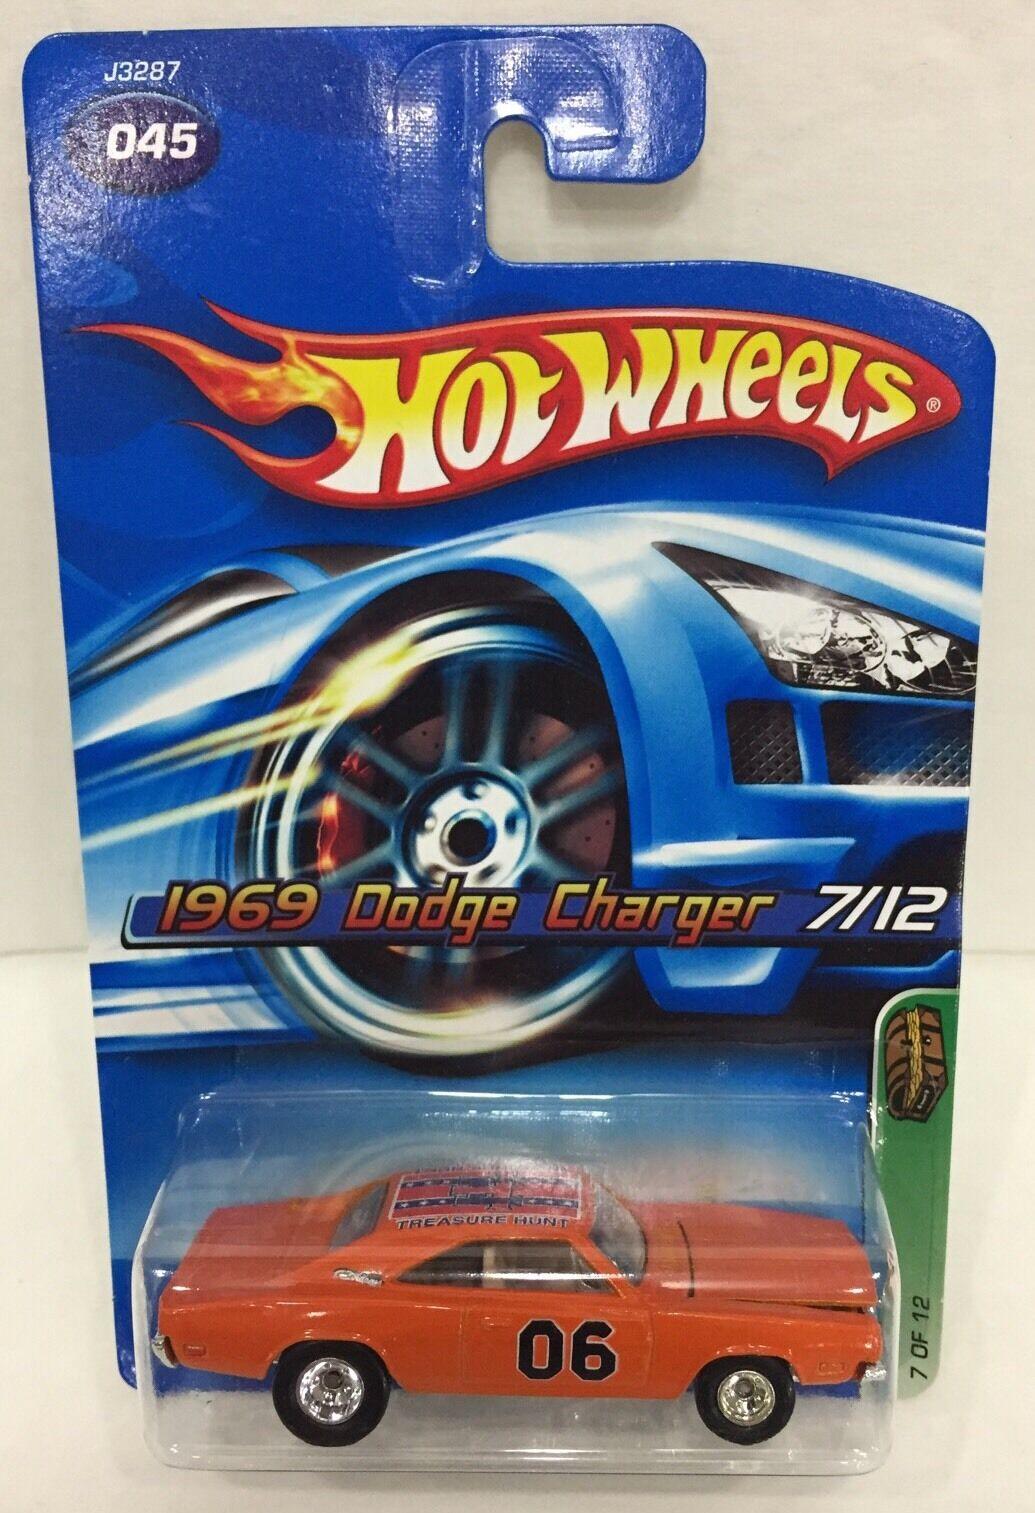 Hot Wheels Treasure T HUNT 1969 Dodge Charger General Lee Dukes Nouveau 2006 SUPER